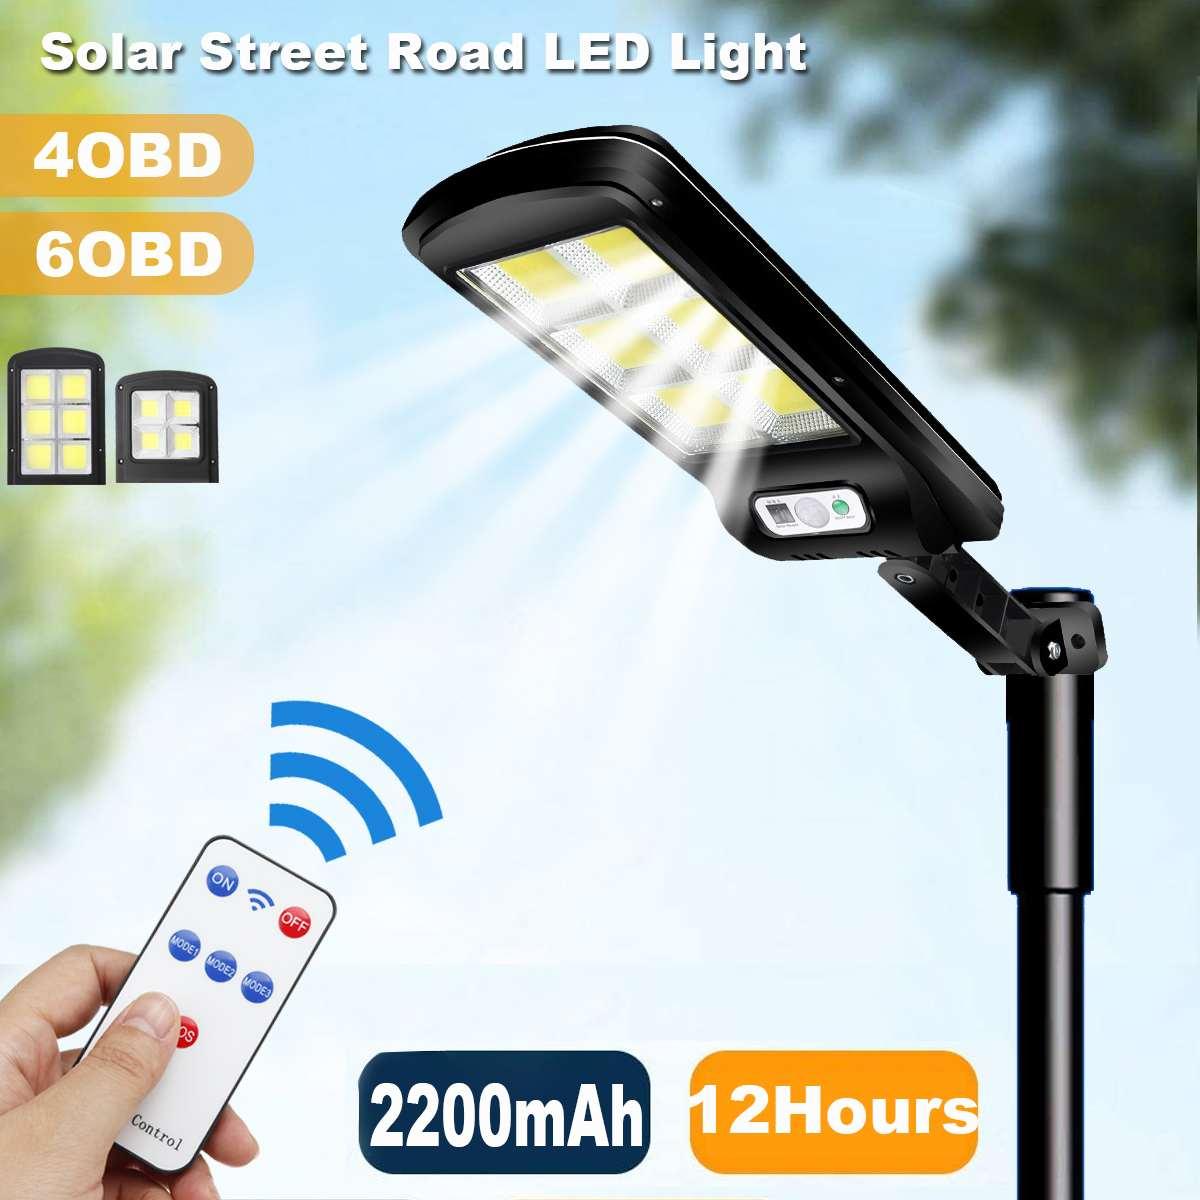 Ao ar livre led solar luz de rua luz parede ip65 à prova dwaterproof água sensor movimento rua lâmpada iluminação jardim segurança luz rua decoração